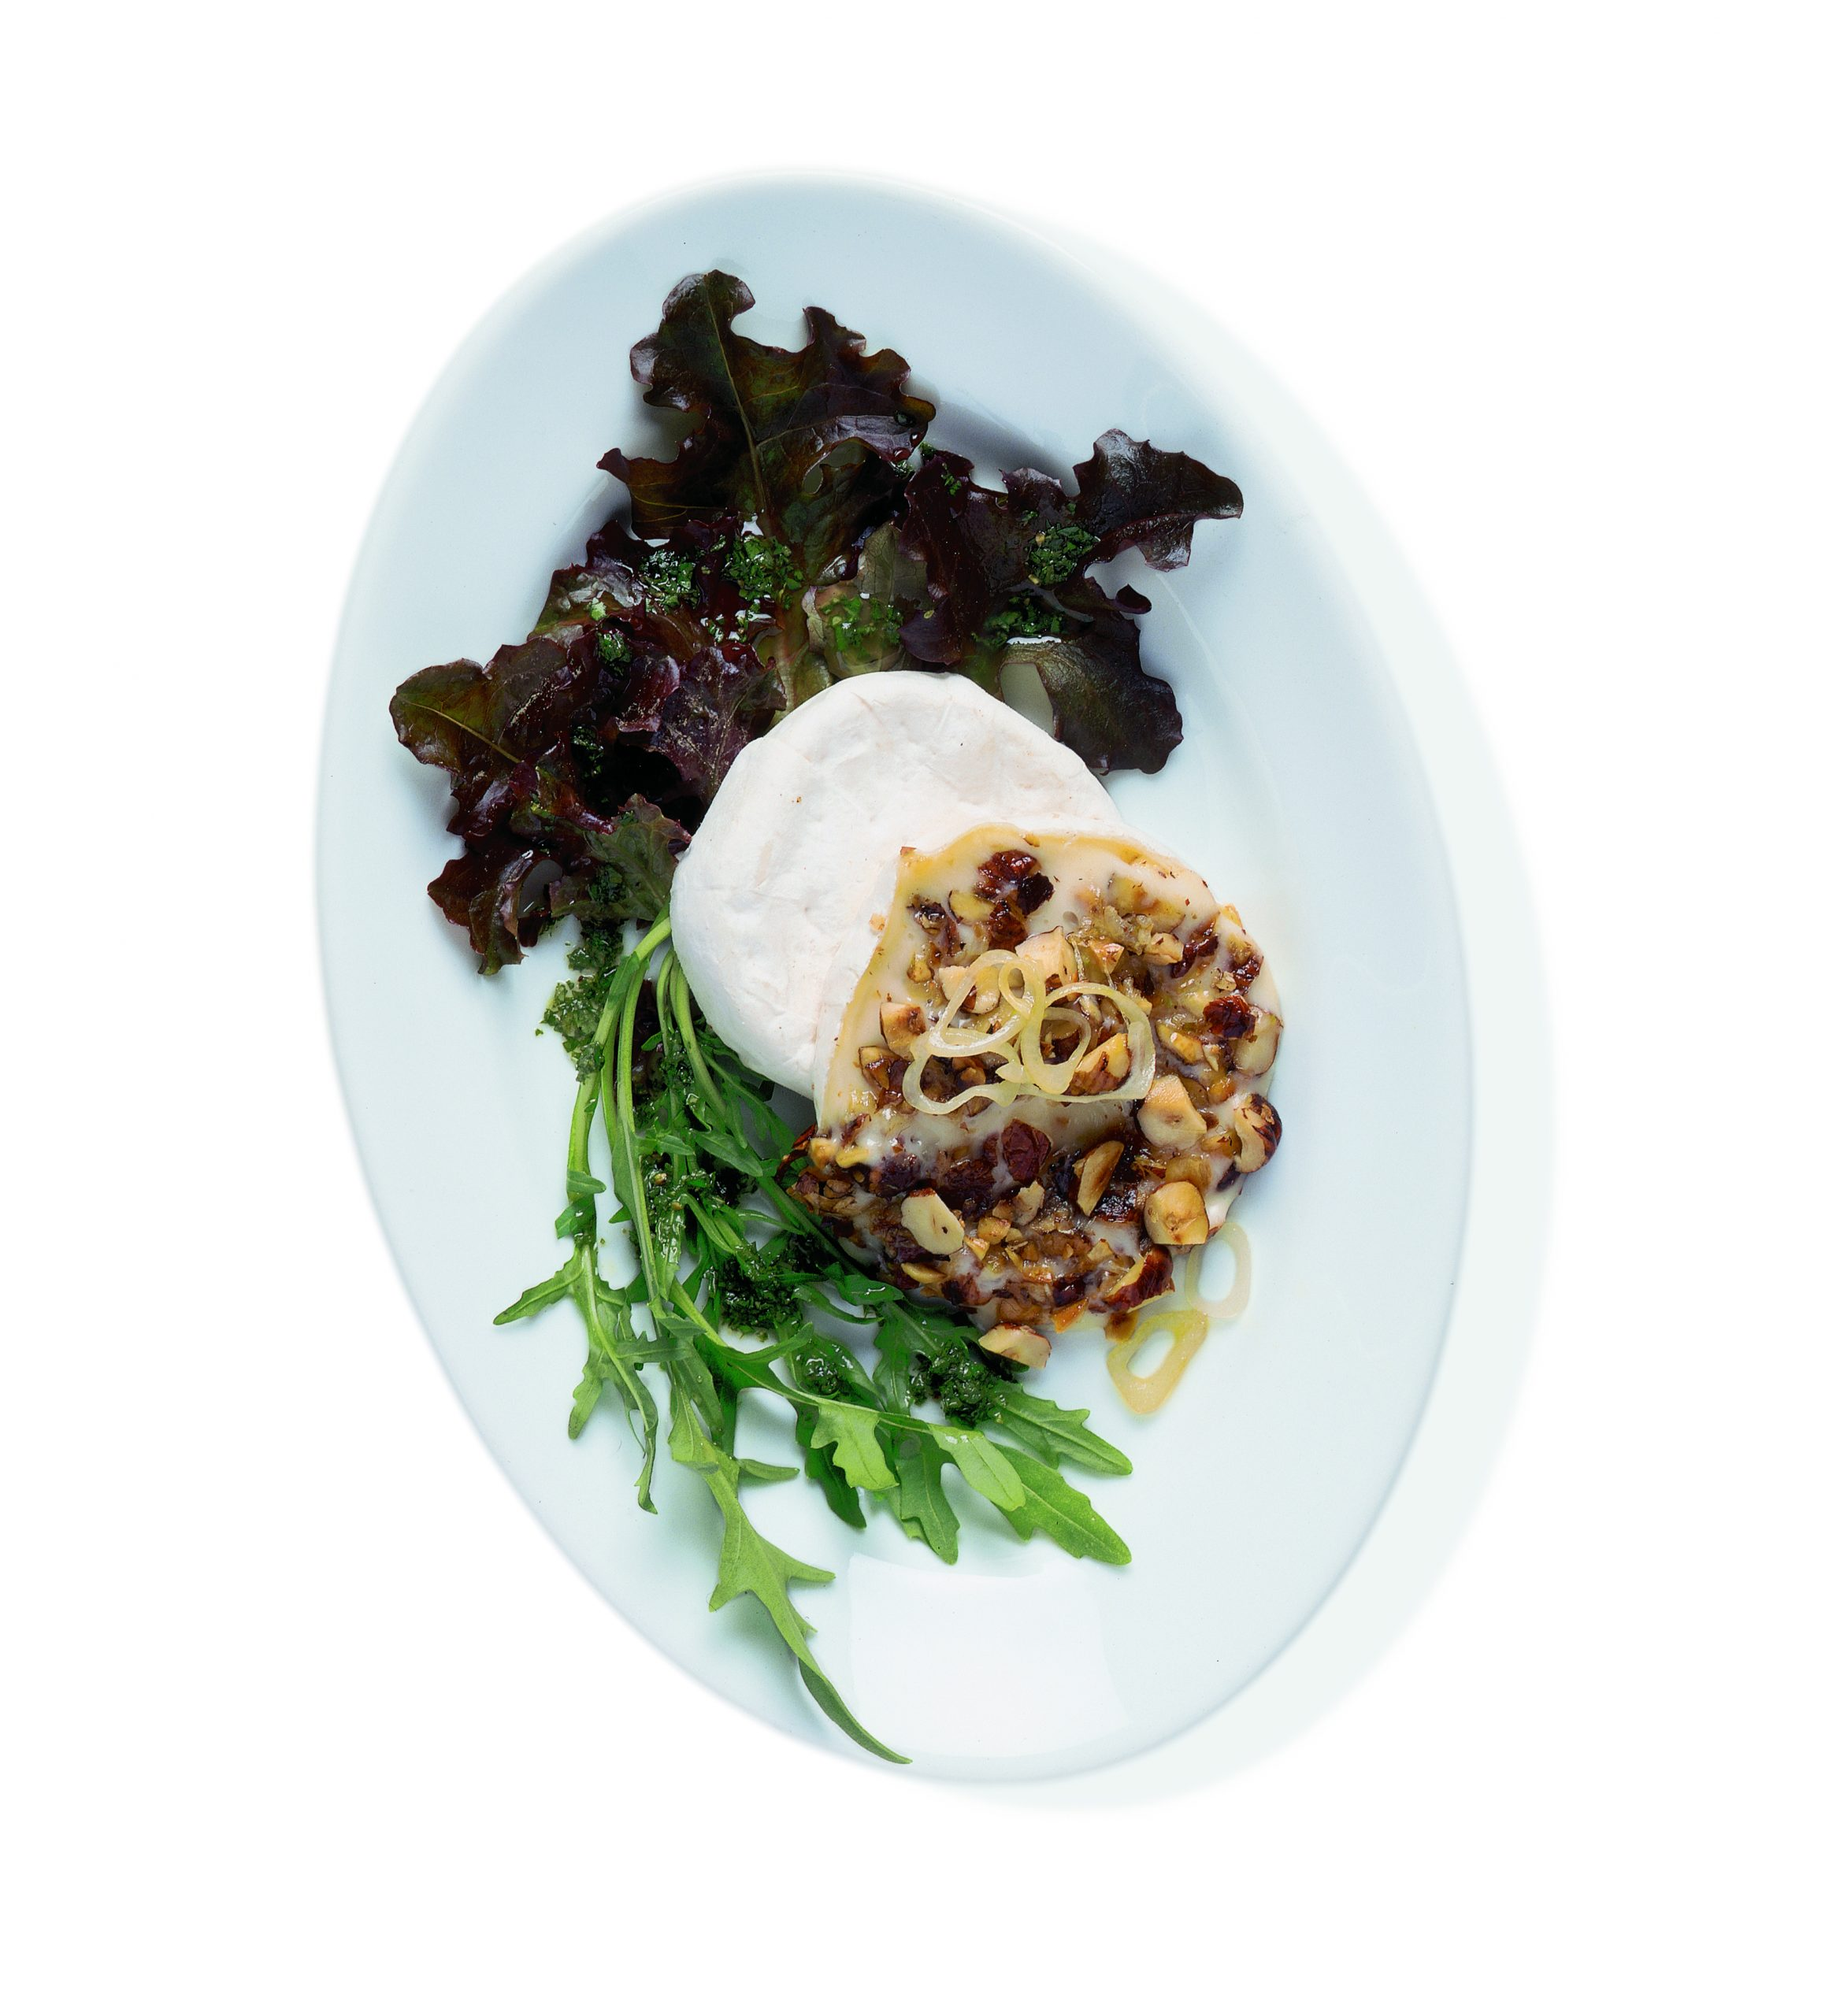 Tomme garnie de noisettes sur lit de salade et vinaigrette aux herbes